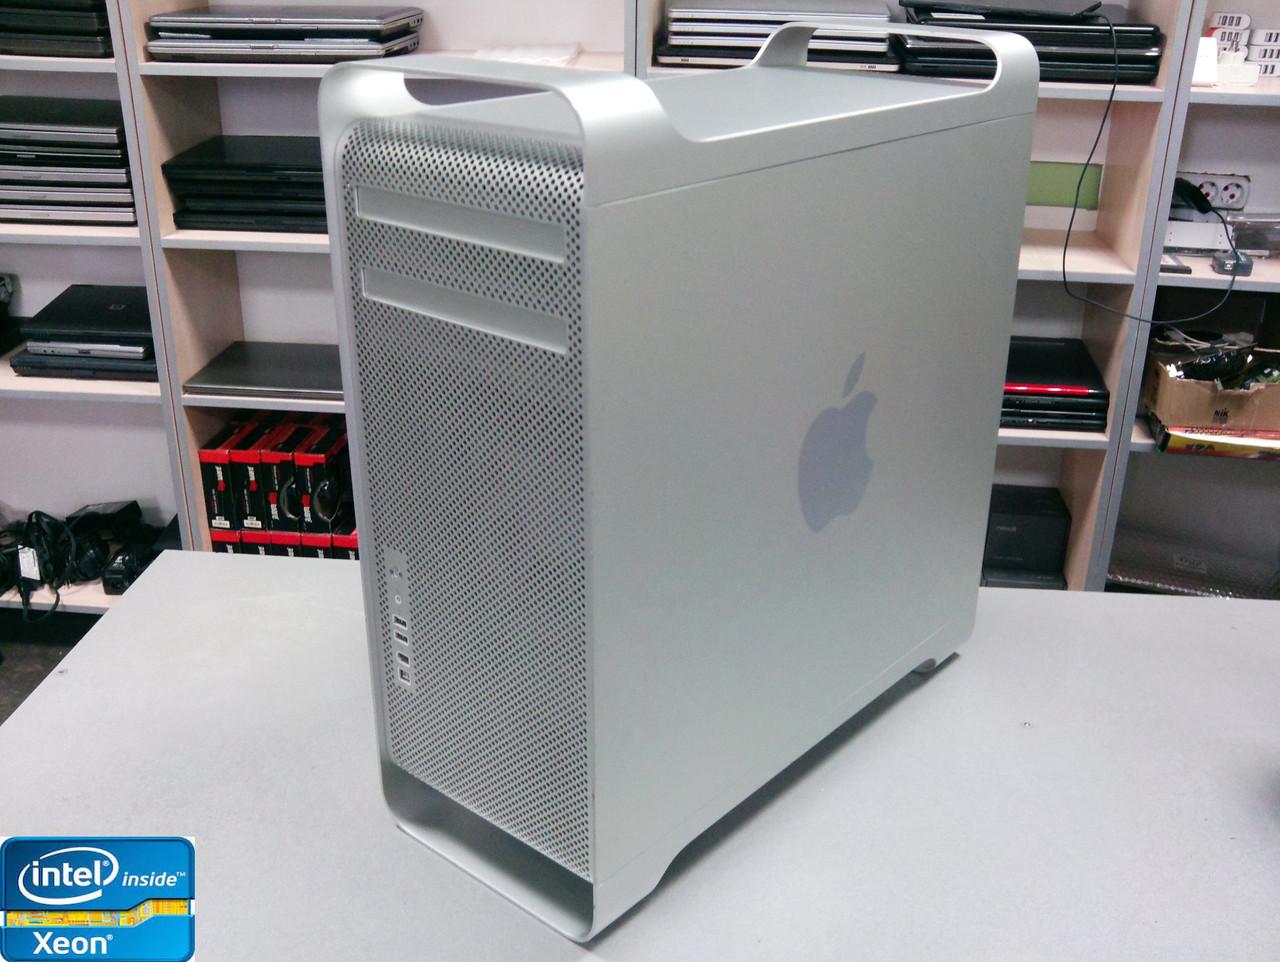 Системный блок Apple Mac Pro двухпроцессорный Intel Xeon 5130 / RAM 32Gb / HDD 250Gb / Сервер